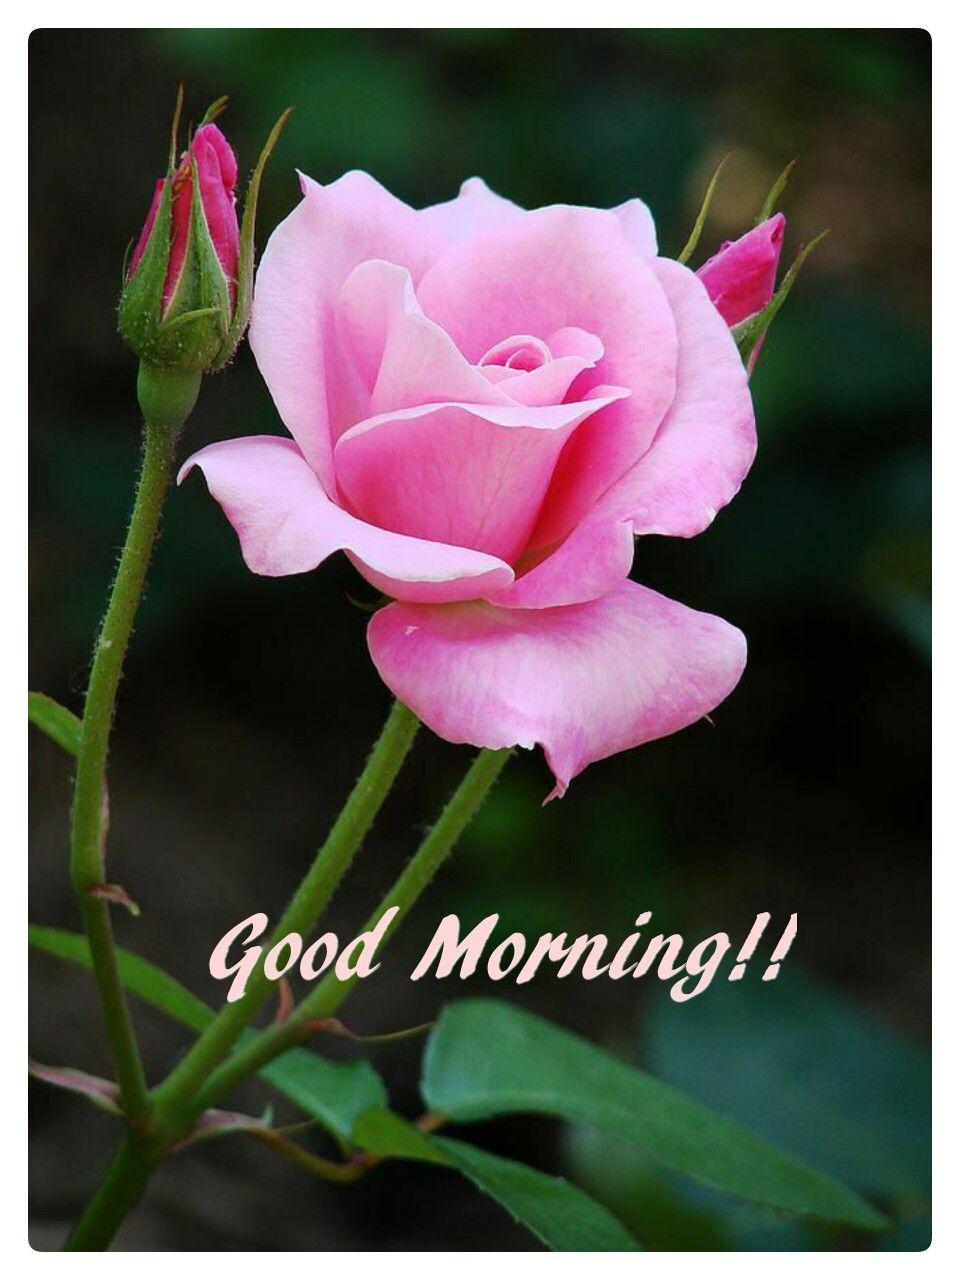 Good morning good morning pinterest - Good morning rose image ...